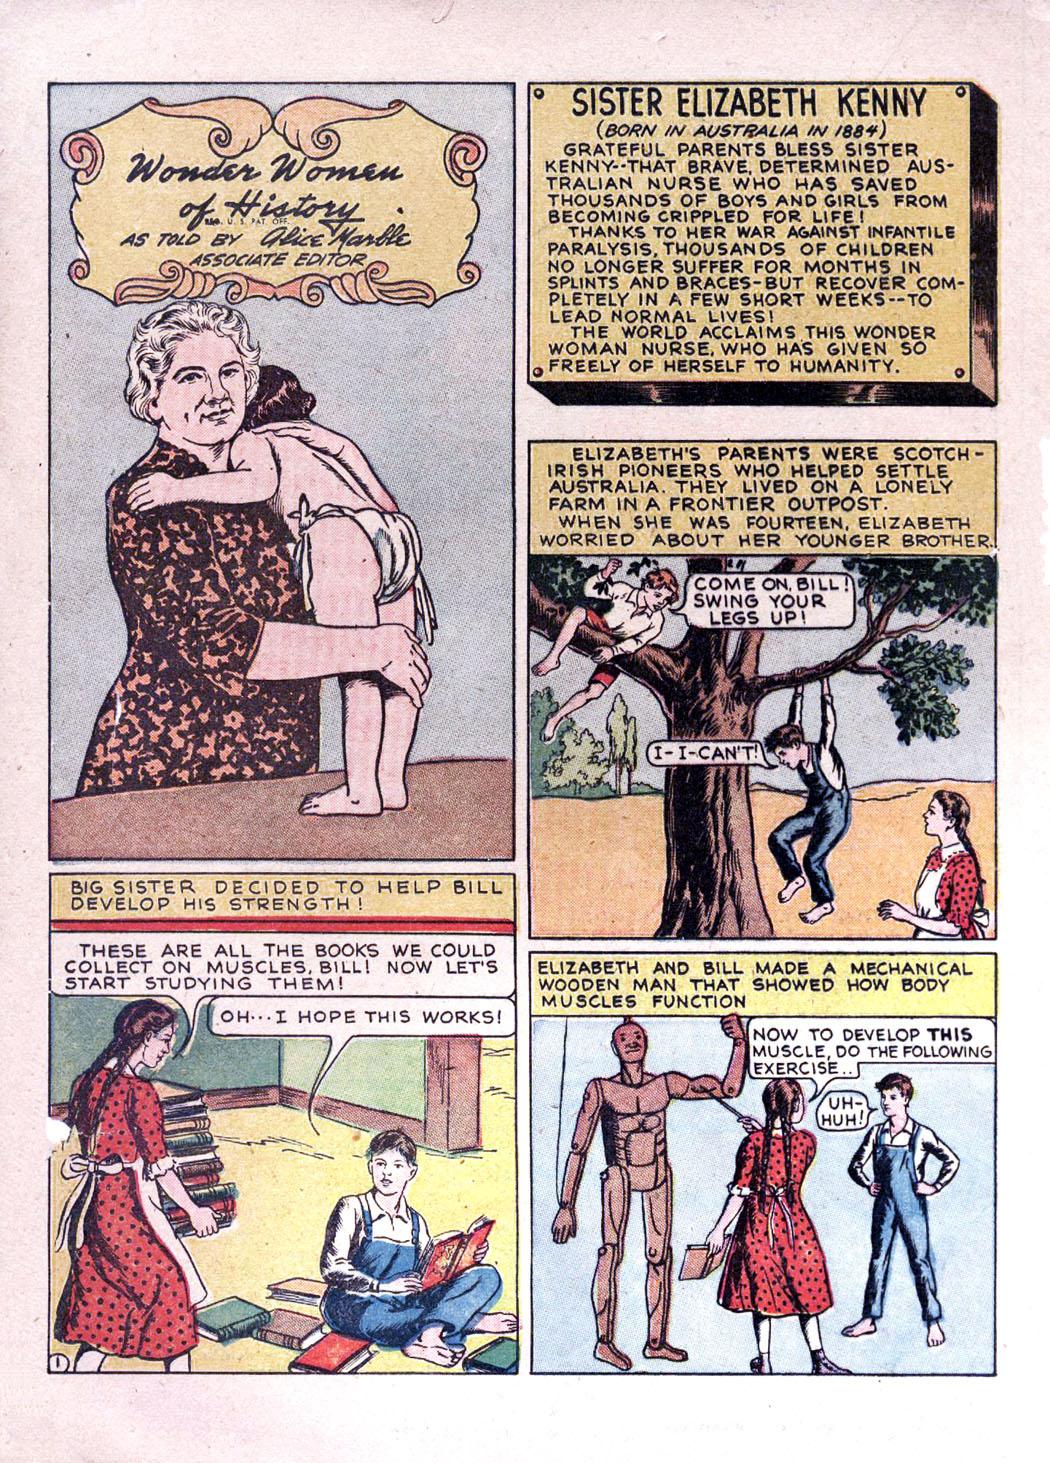 Wonder Woman 1984 [2020] Z9Ncz0qvTyqBm_5u-4GXG2AuXK7-dczNALHmrWK69lrdHMCkxLb6sPH7g4eJE3uh2YCdoFbeodaN=s1600